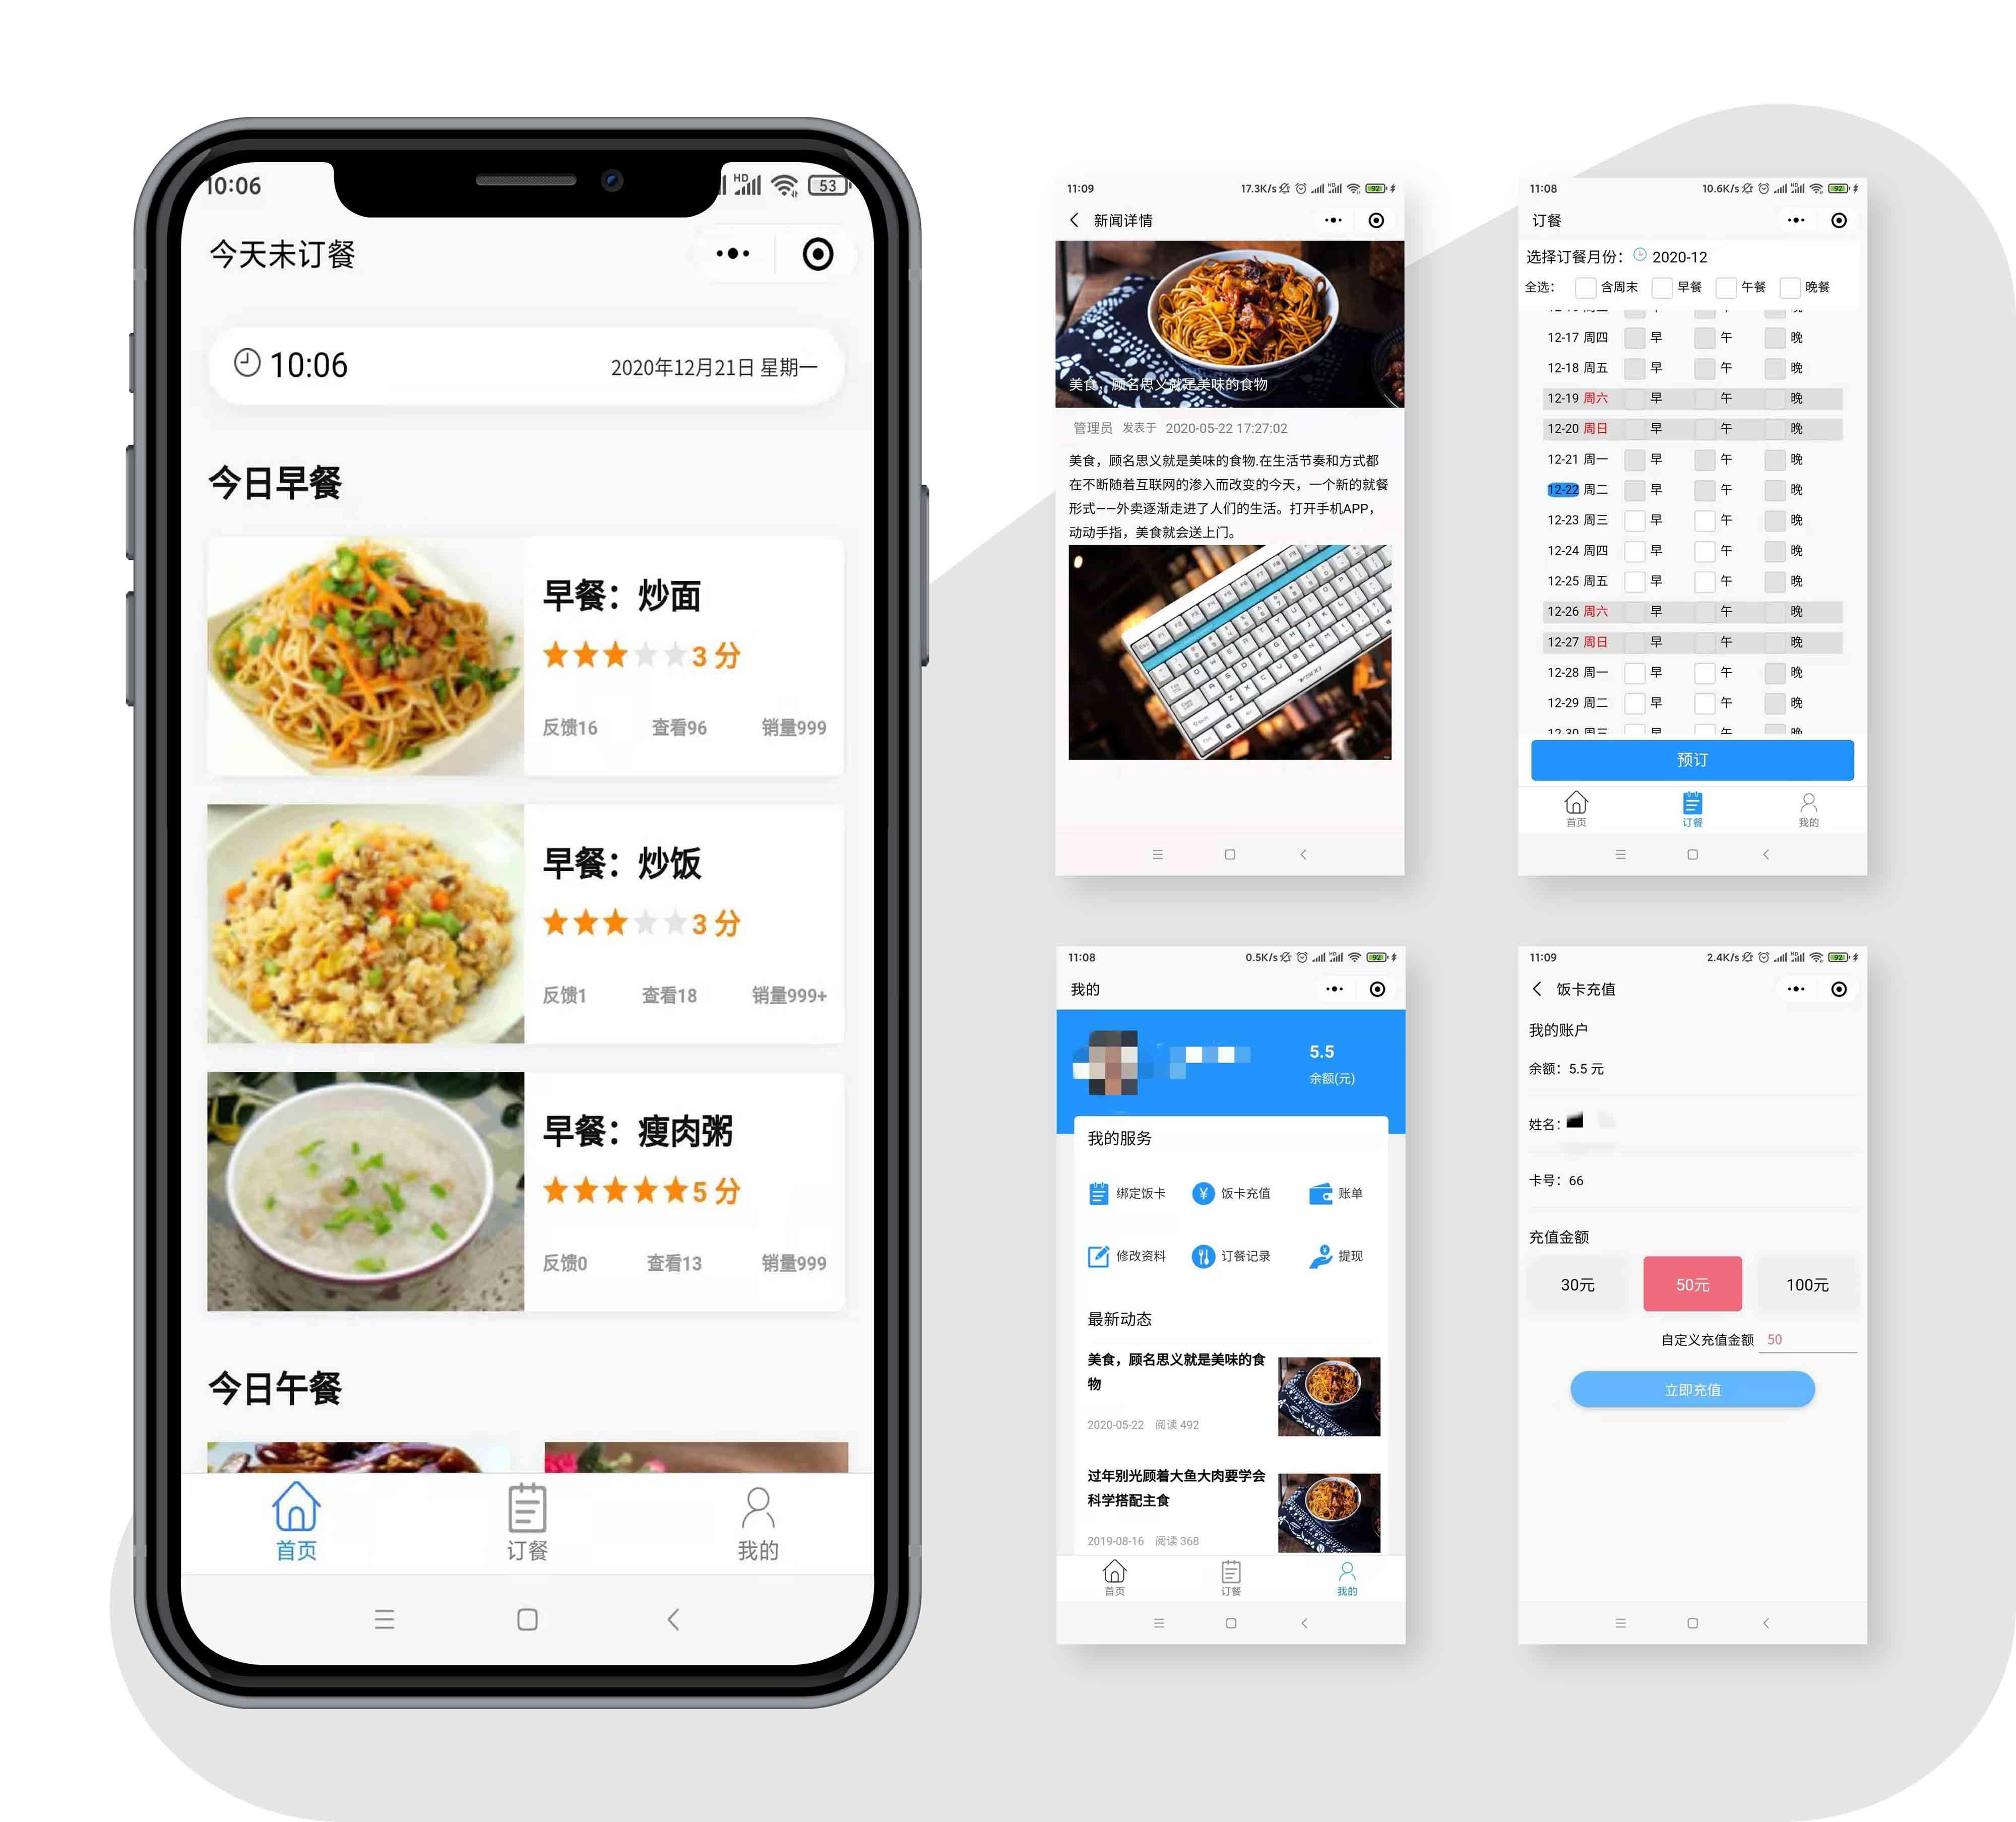 食堂微信订餐消费系统